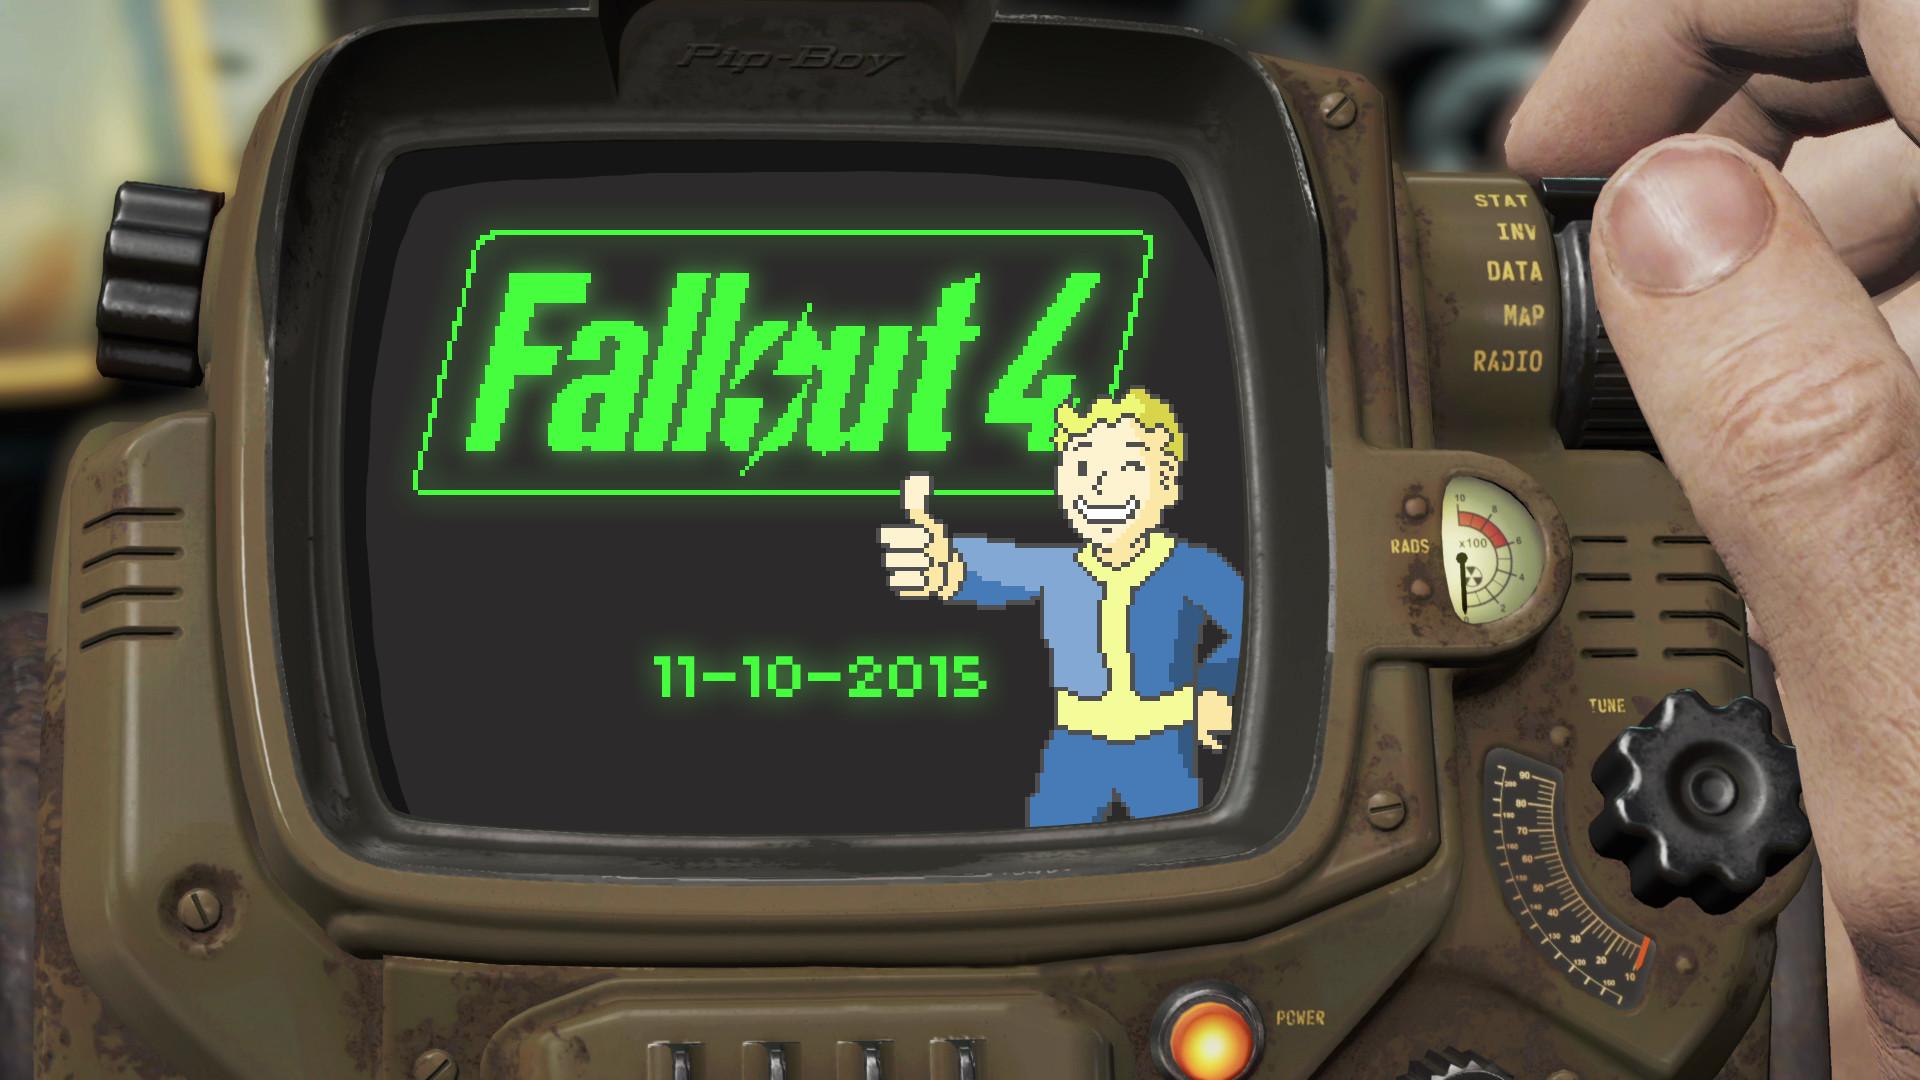 fallout 4 wallpaper. Drew vault boy myself.